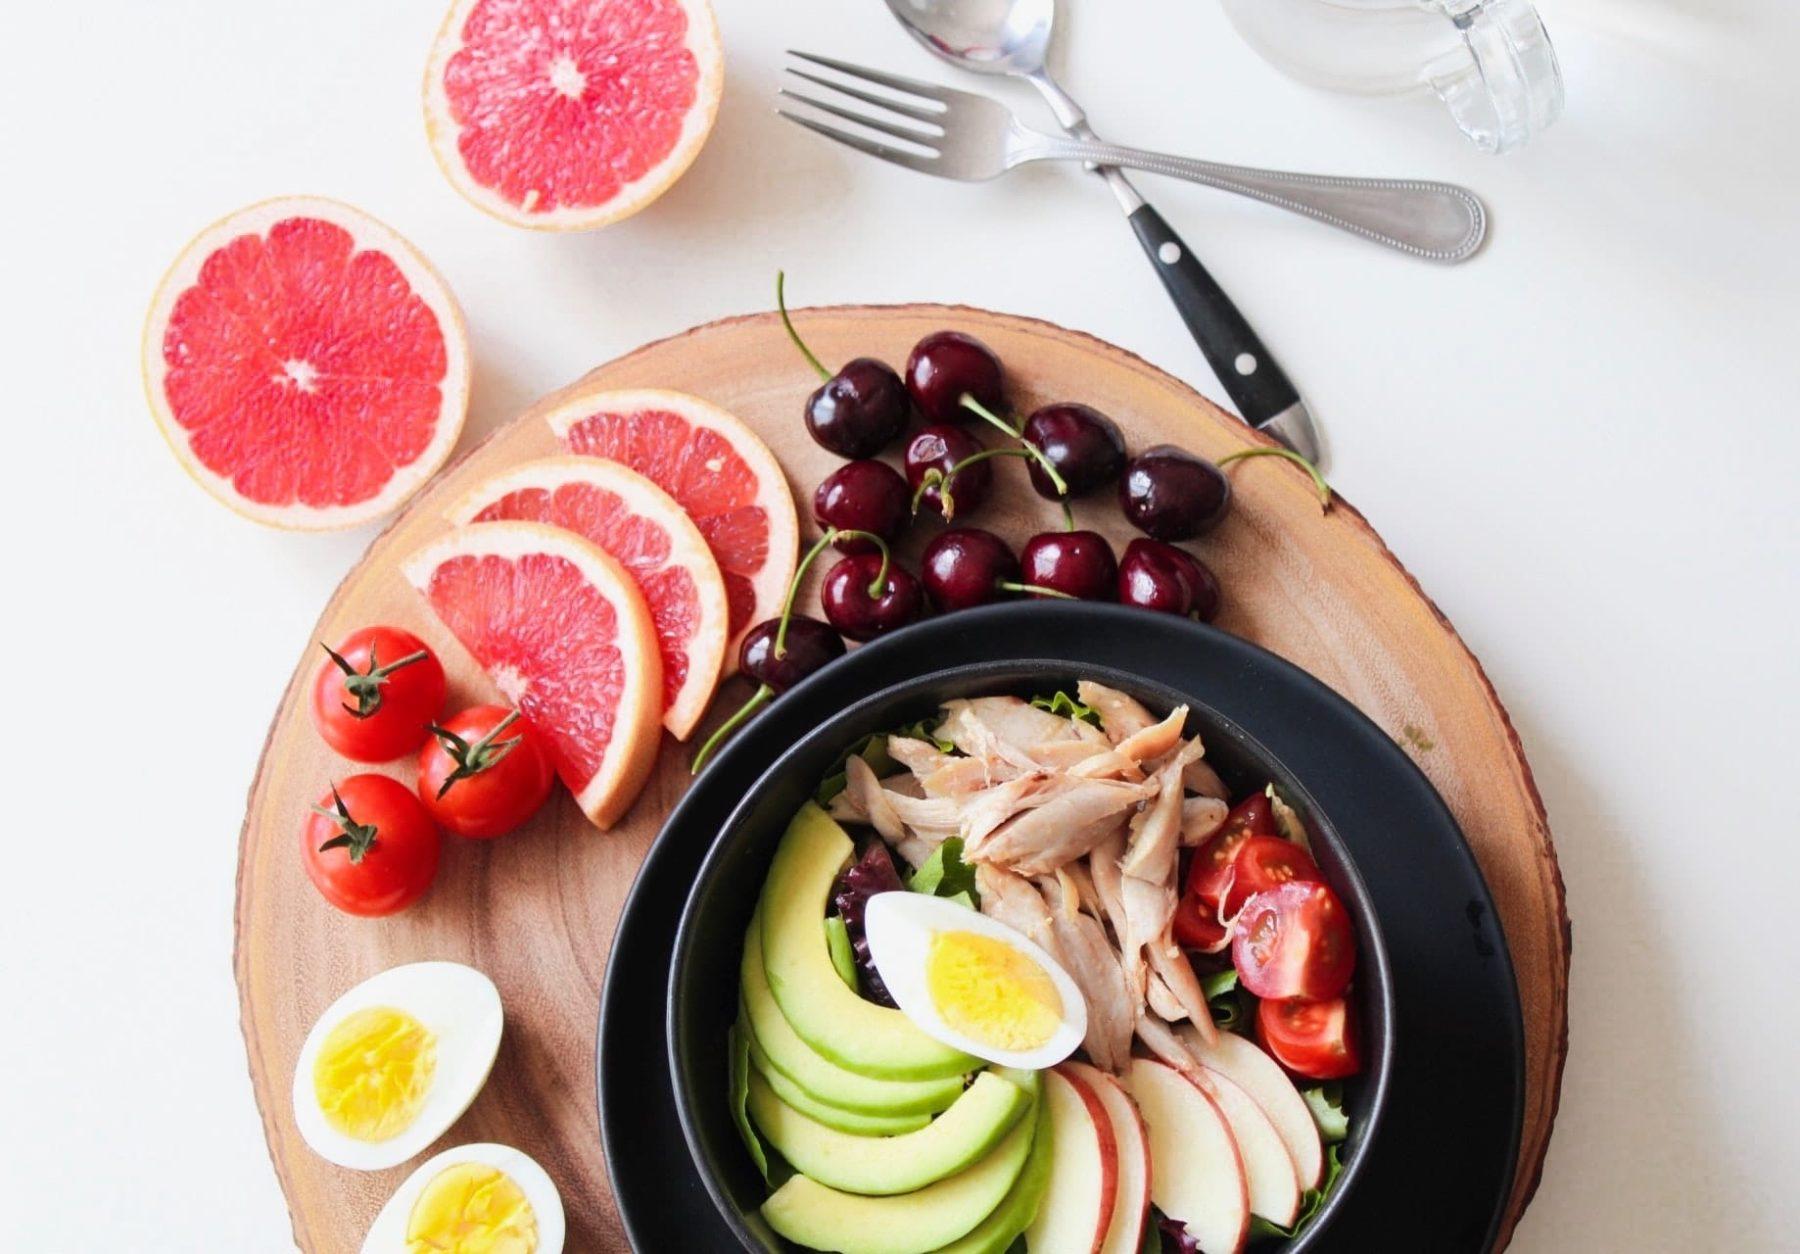 Plan de apoyo de dieta en línea para bajar de peso